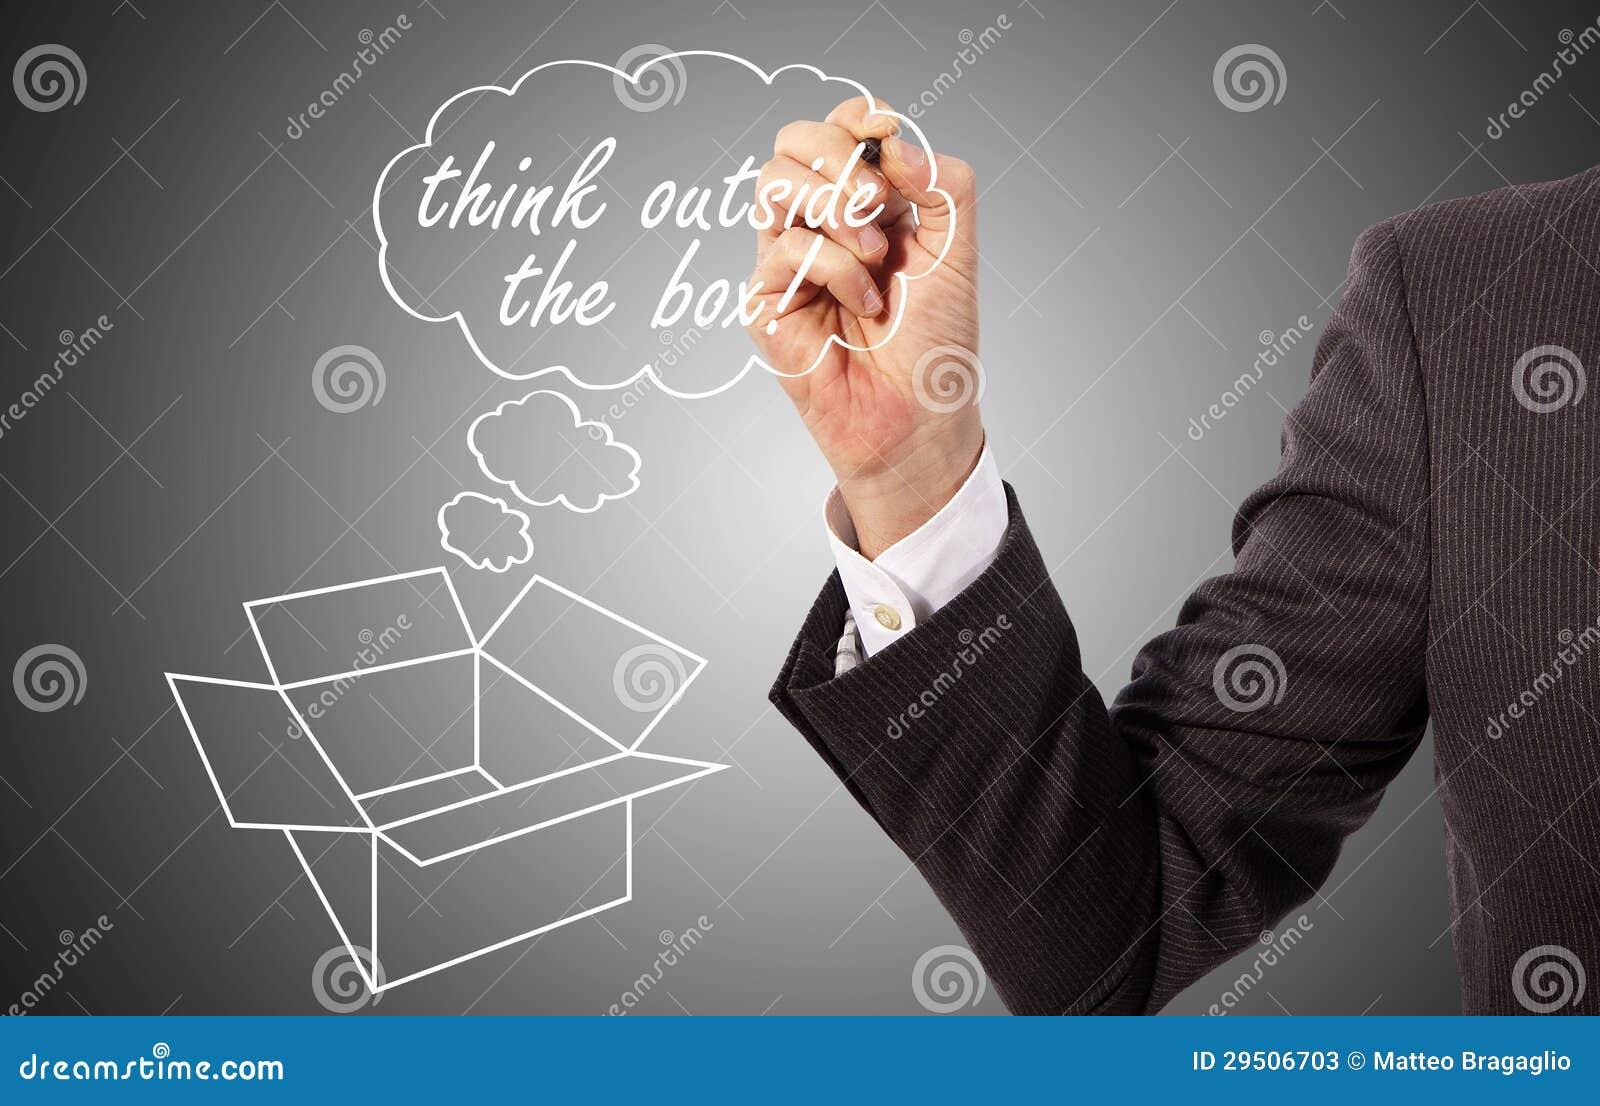 Met de hand geschreven denk buiten de doos